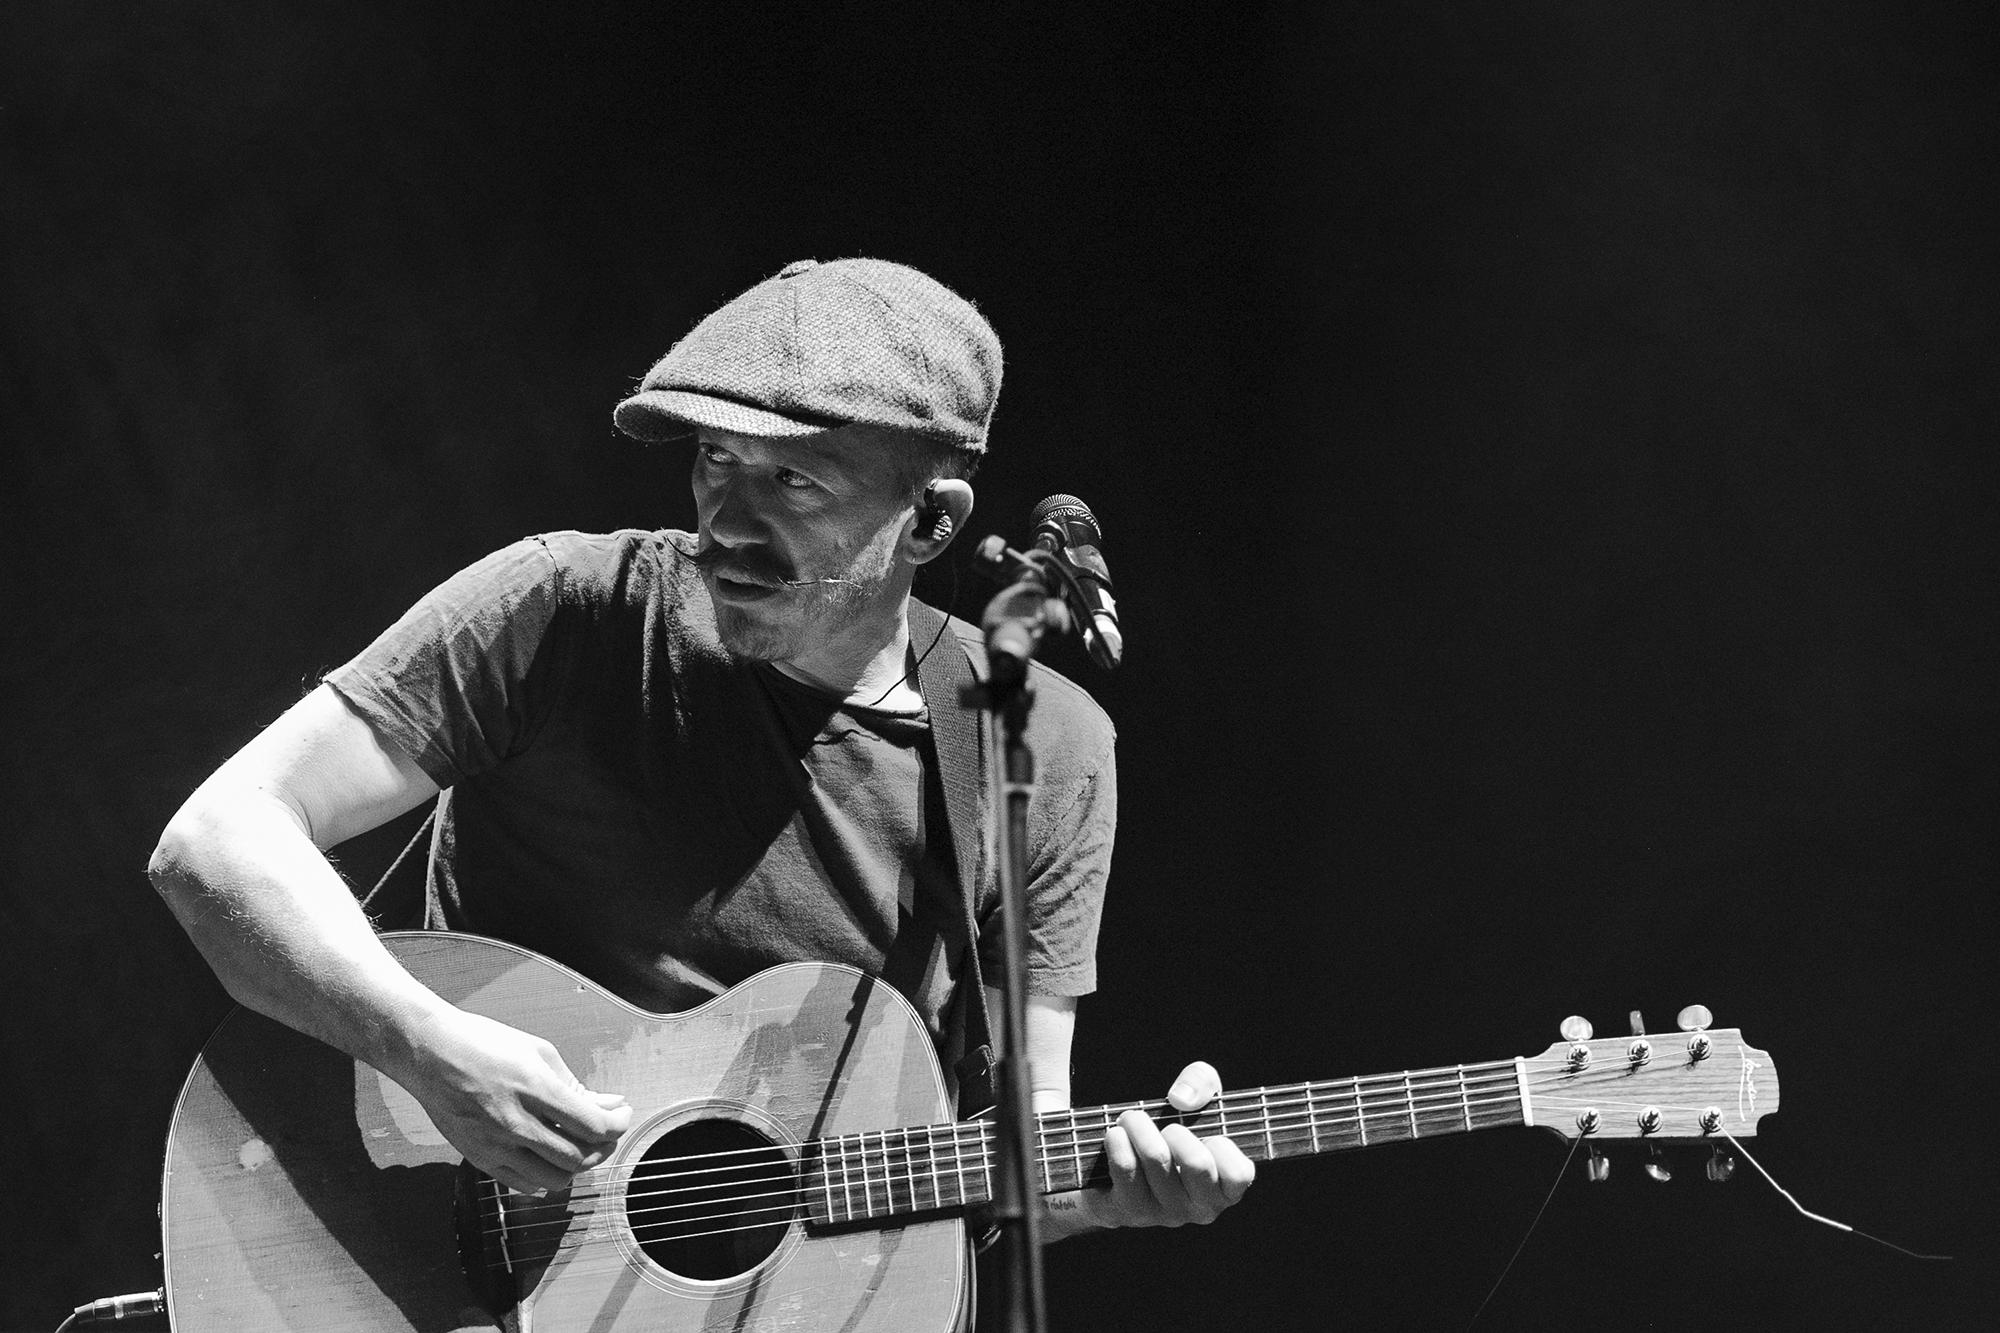 Der irische Singer-Songwriter Foy Vance in Zürich